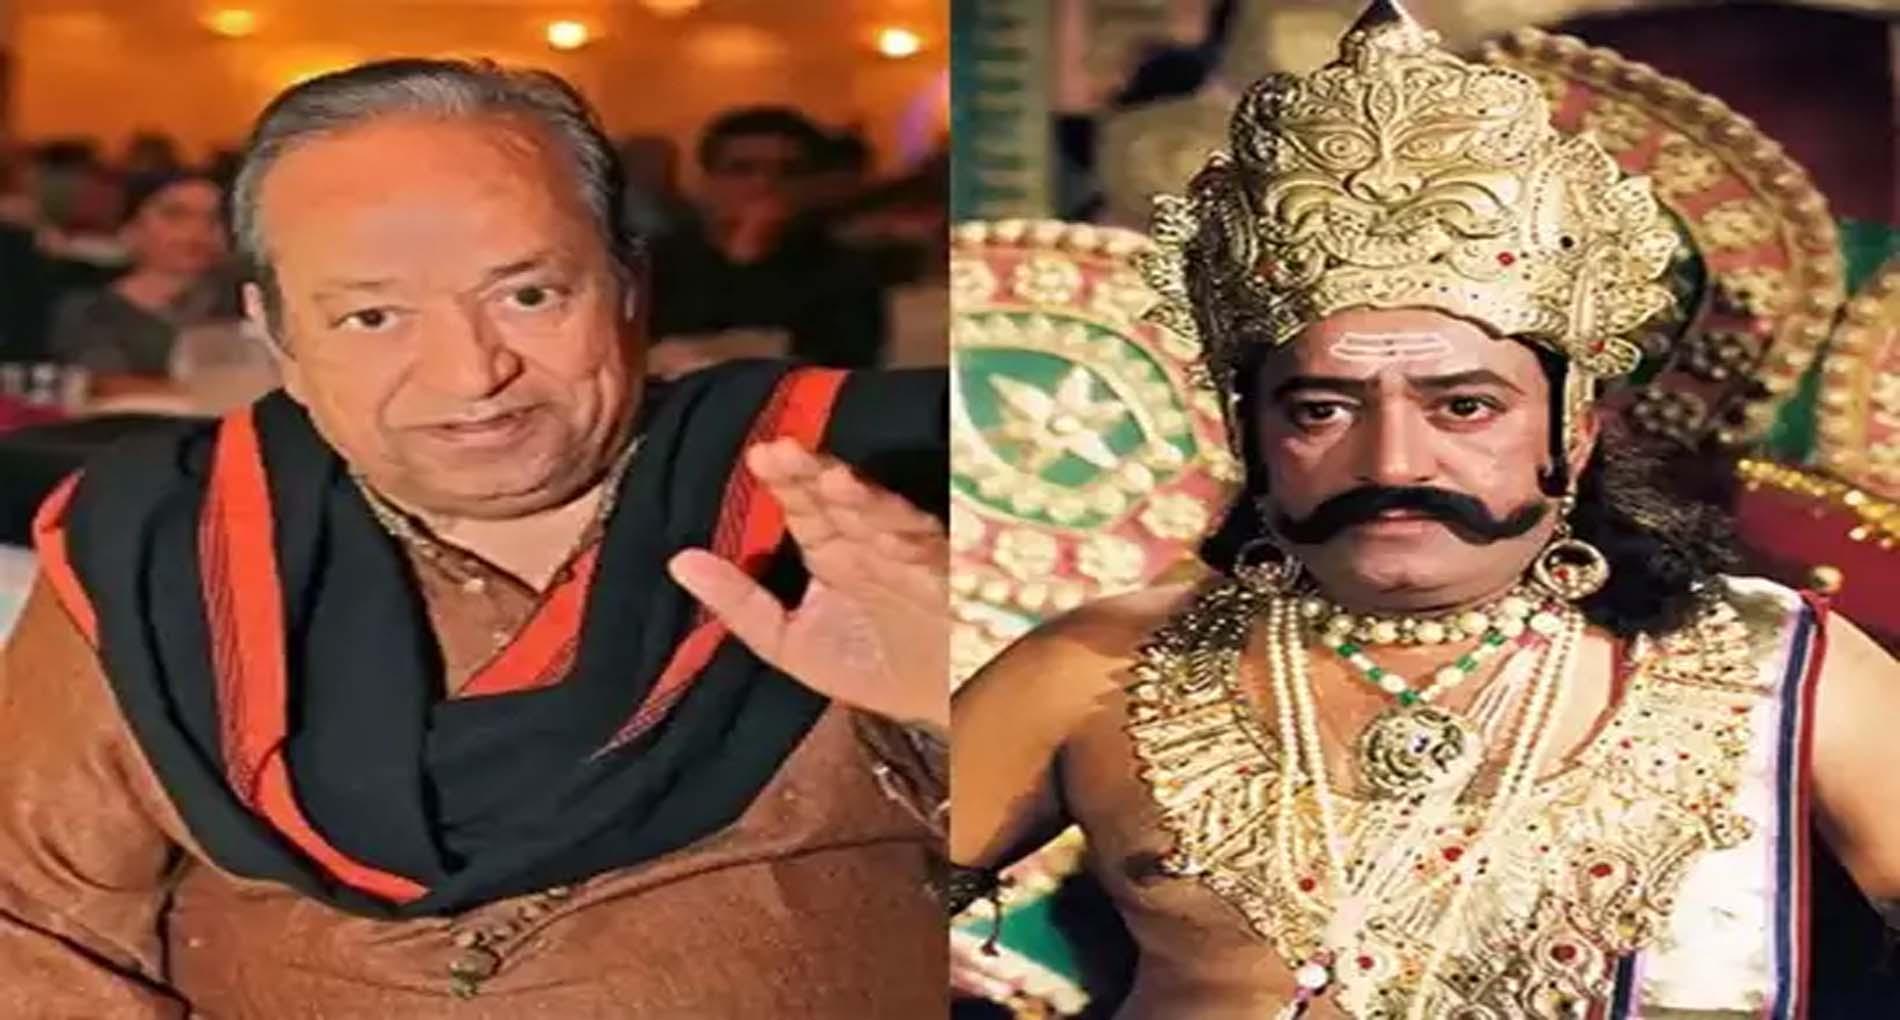 Arvind Trivedi Passes Away: नहीं रहे 'रामायण' के 'रावण' अरविंद त्रिवेदी! 82 साल की उम्र में निधन